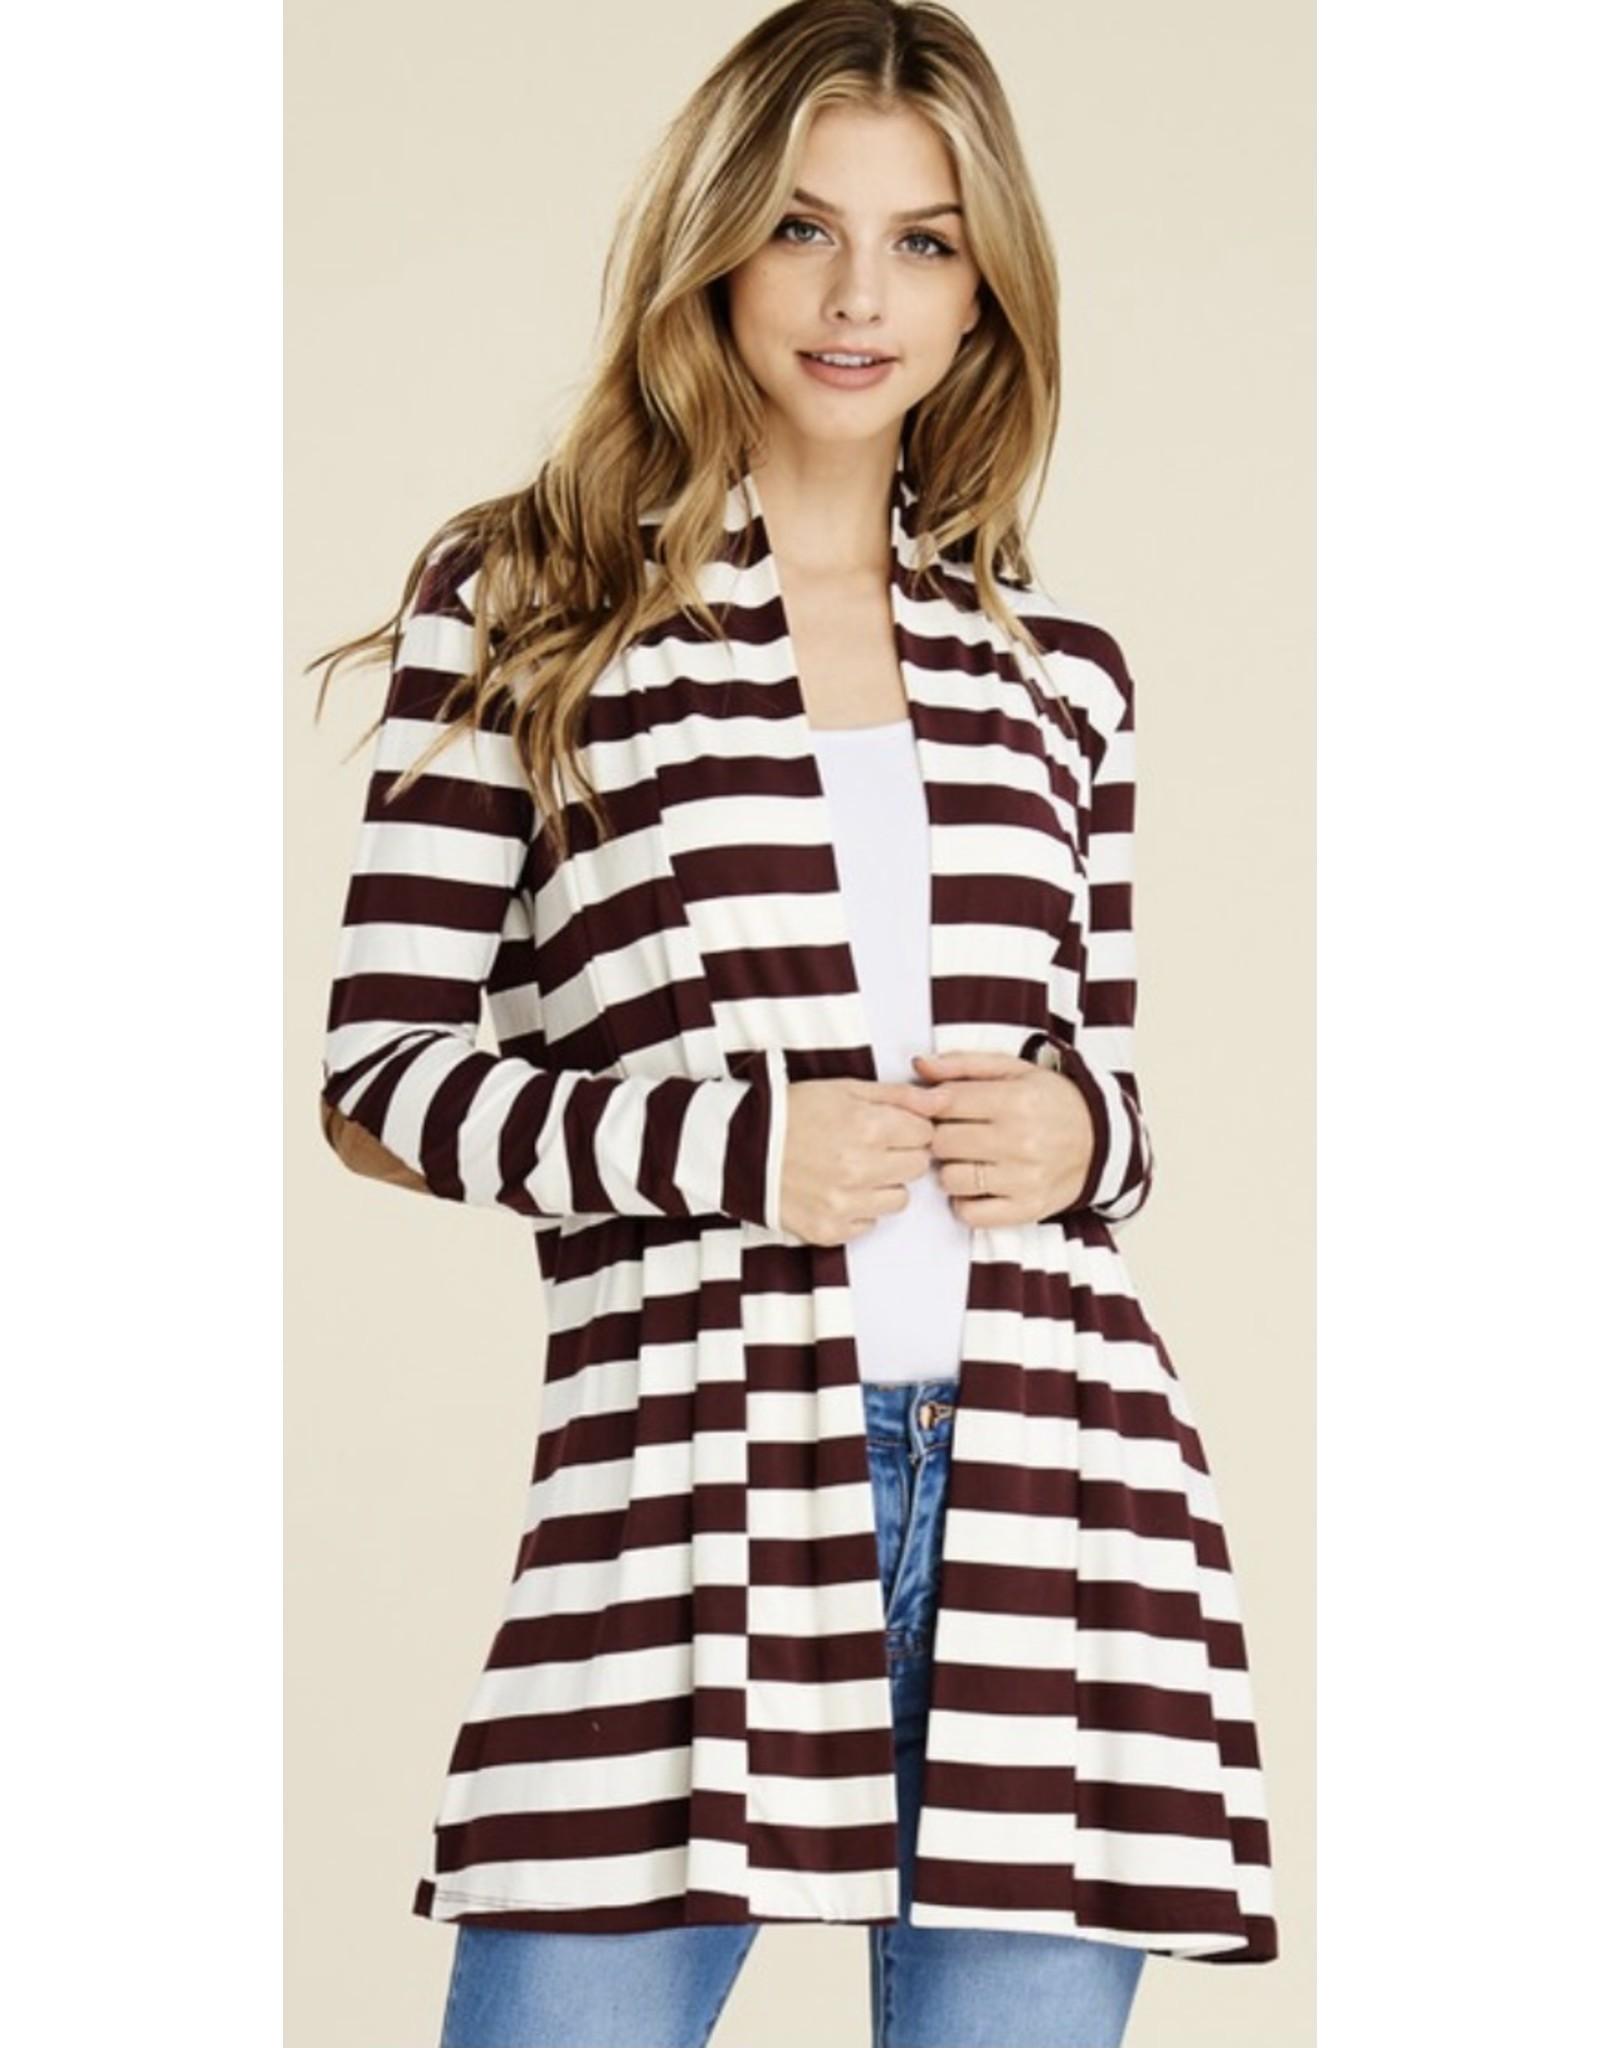 LATA Show them Striped Cardigan w/ Elbow Patch